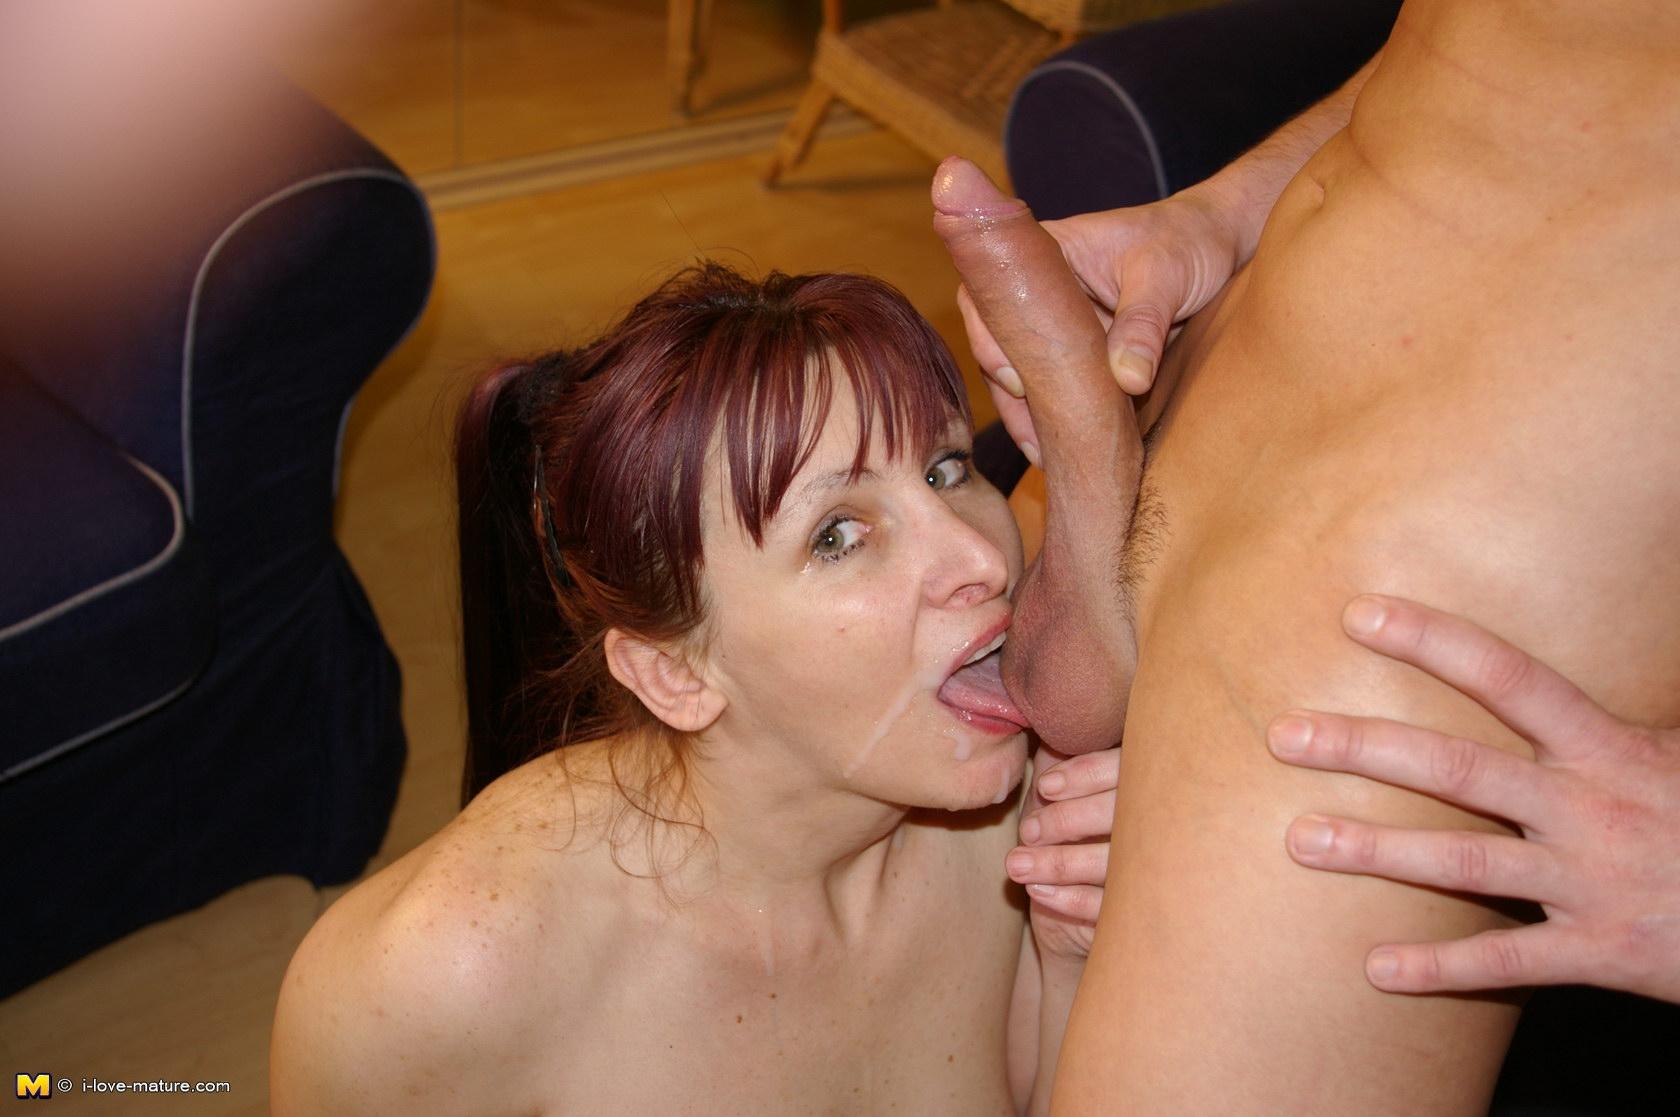 Смотреть порно мама проглотила сперму сына, Мама глотает сперму видео - смотретьроликов 7 фотография